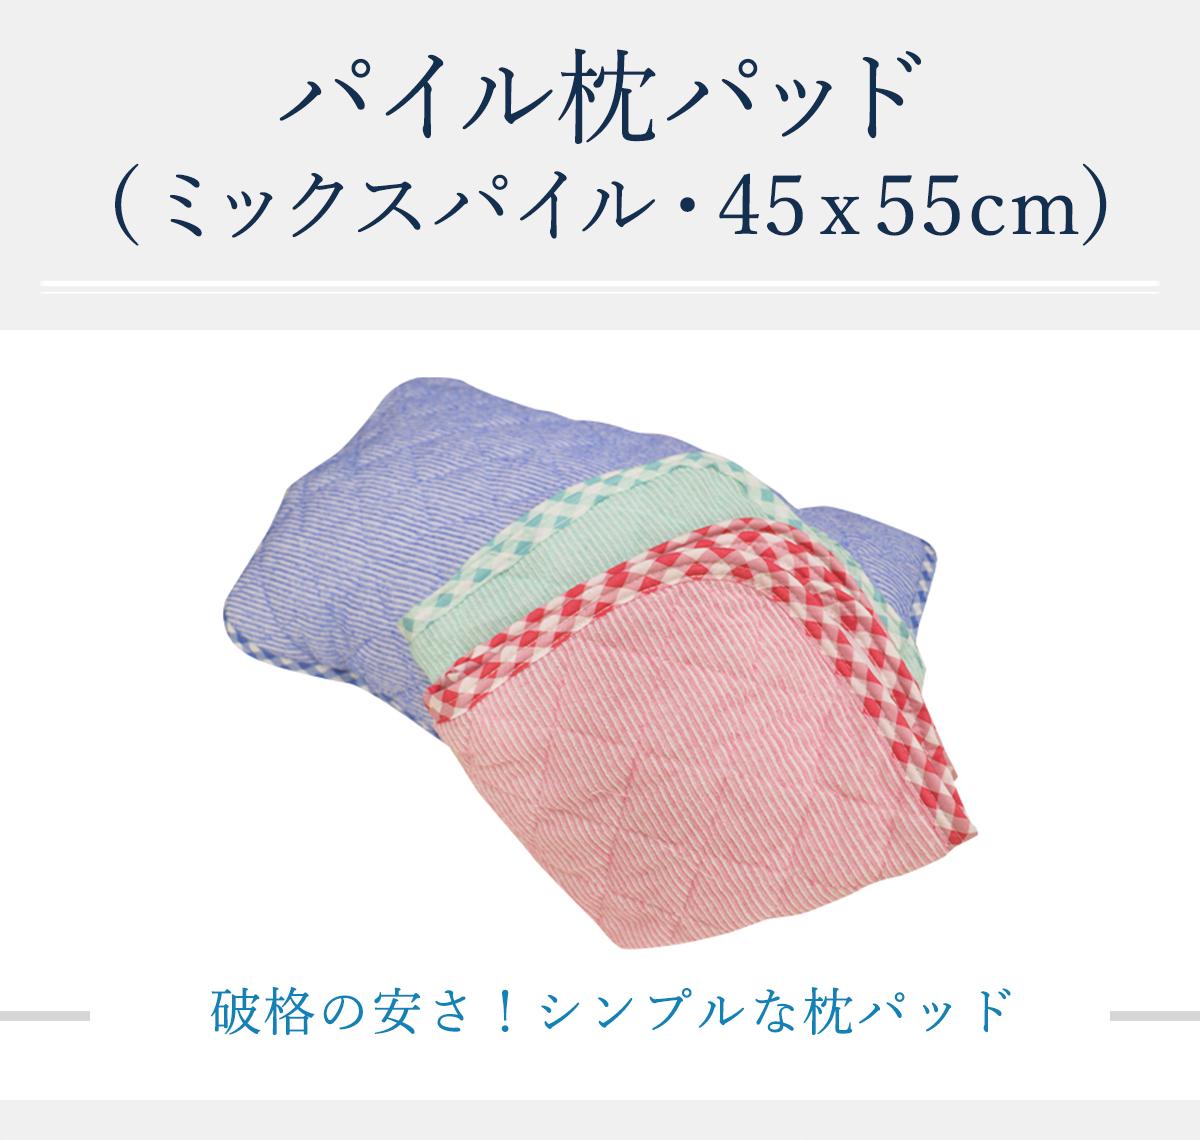 パイル枕パッド (ミックスパイル・ピンク・45x55cm)